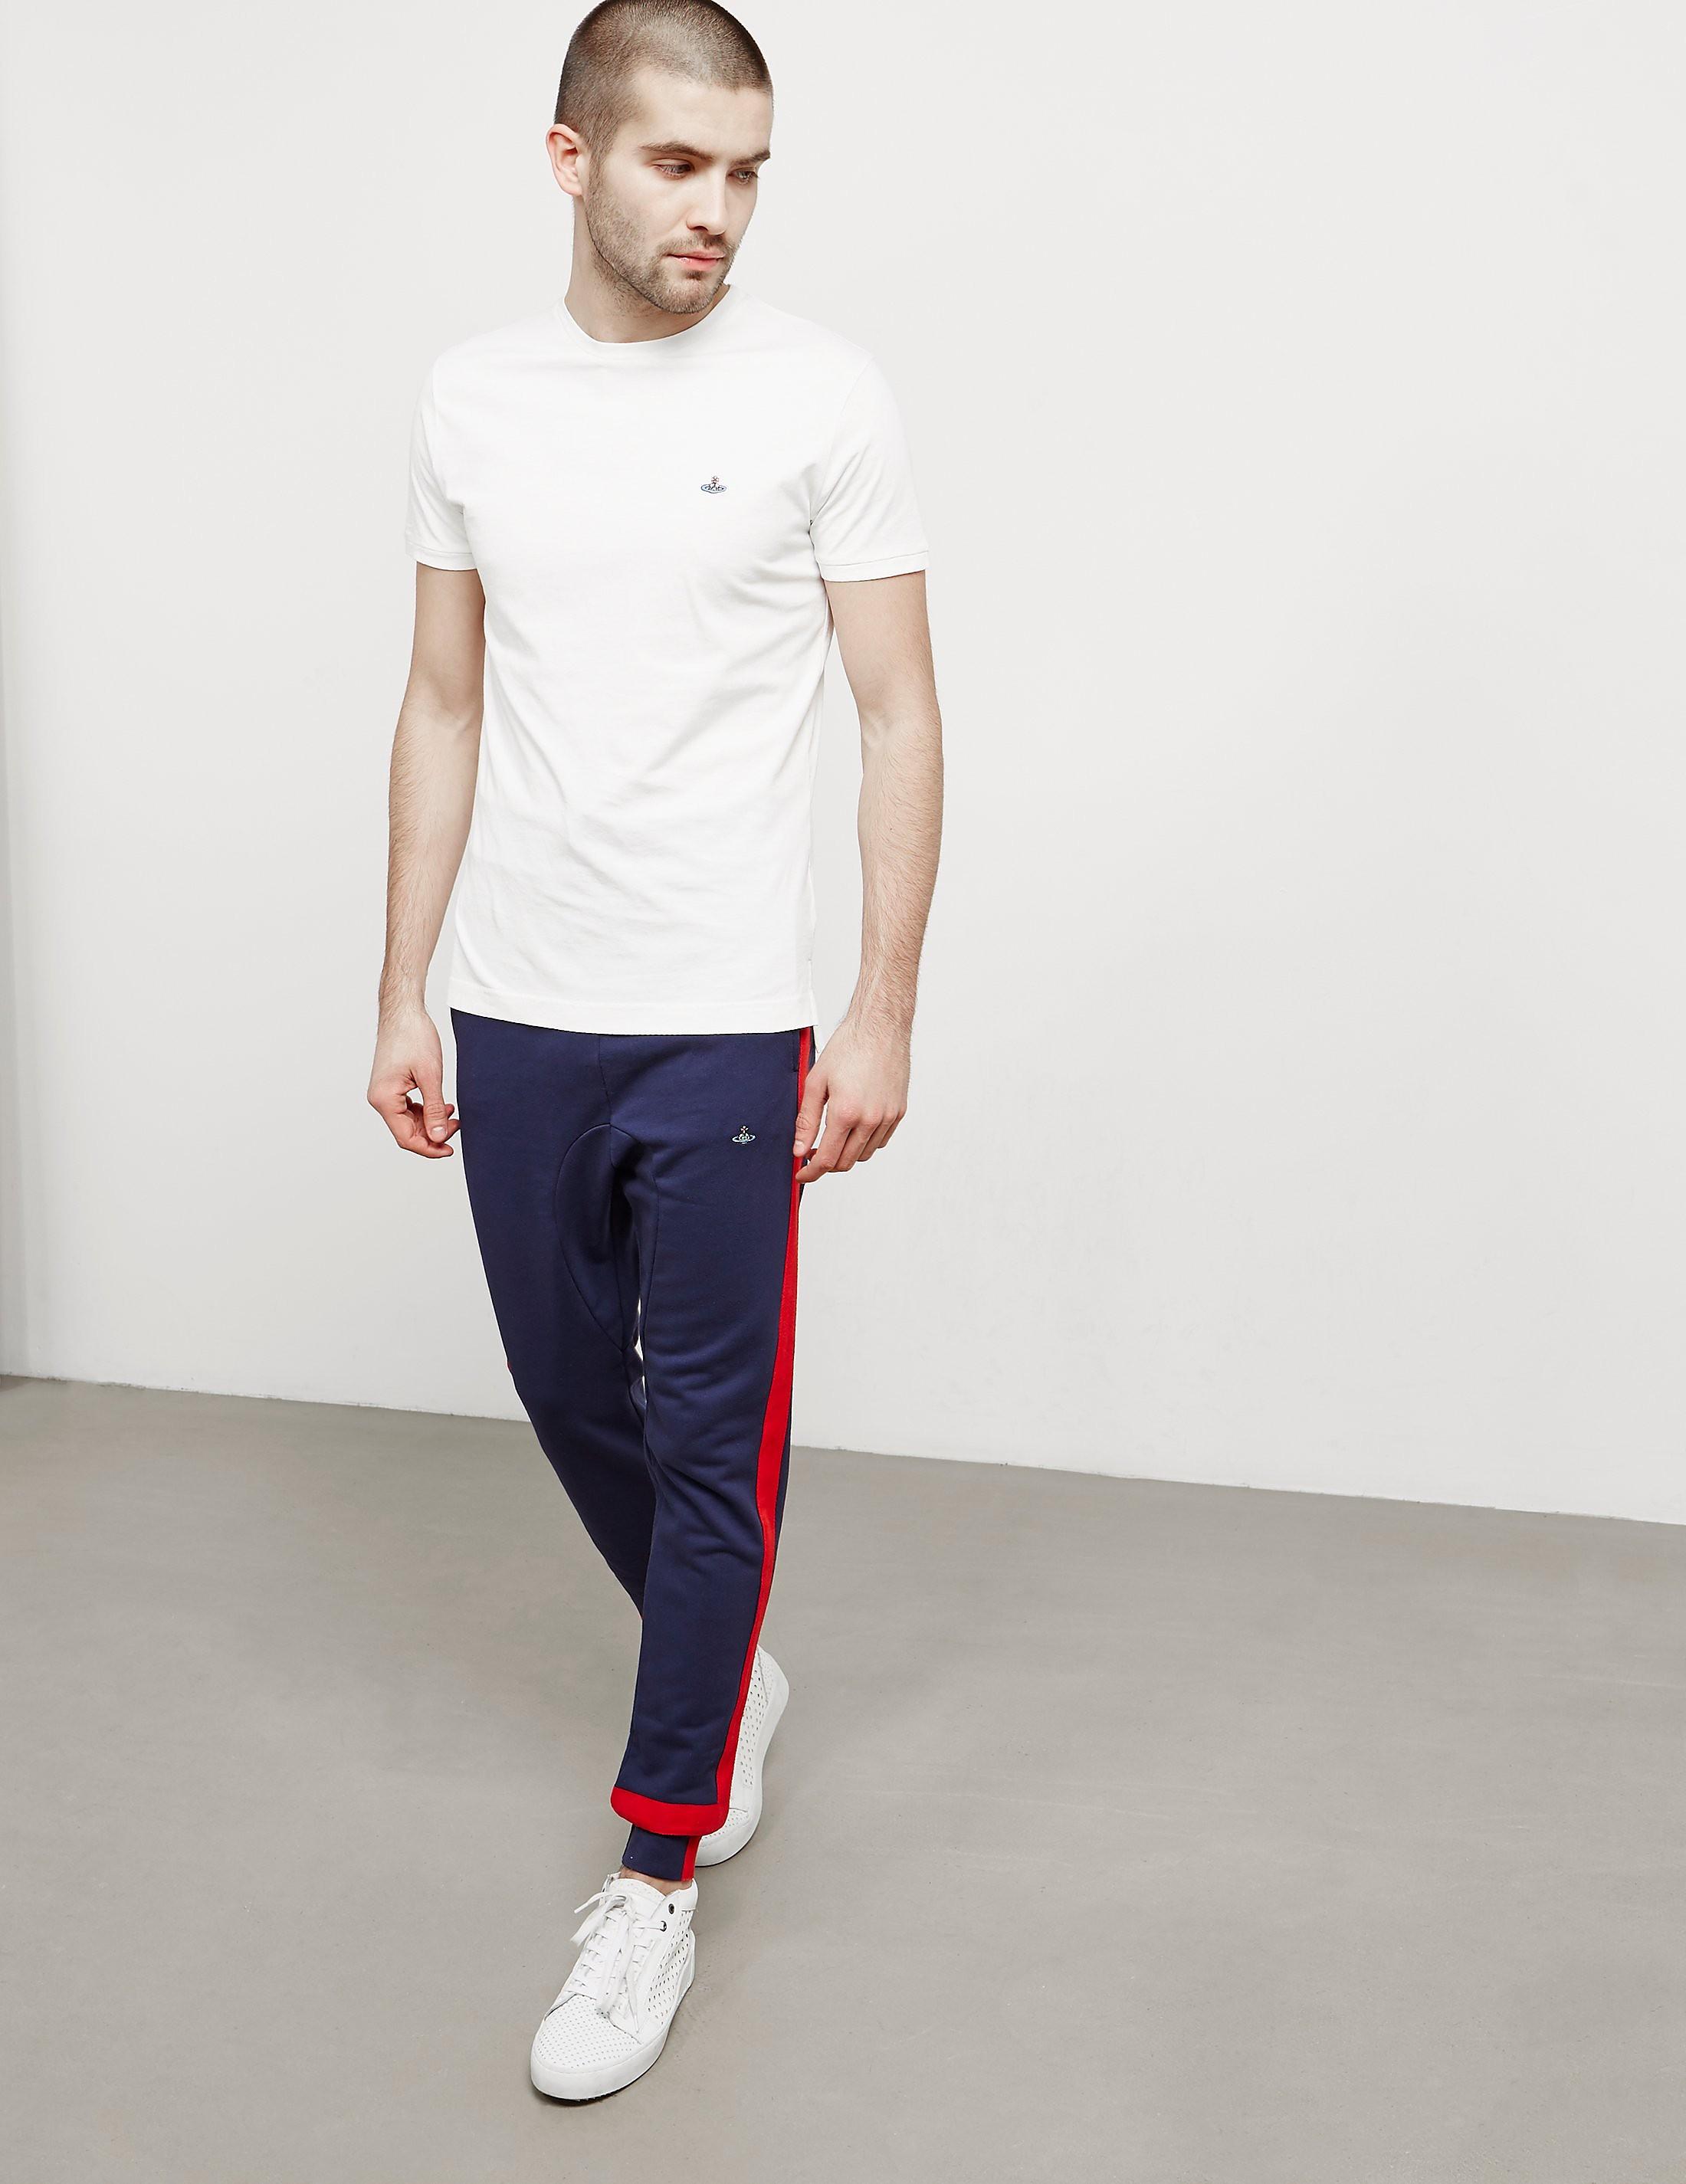 Vivienne Westwood Orb Track Pants